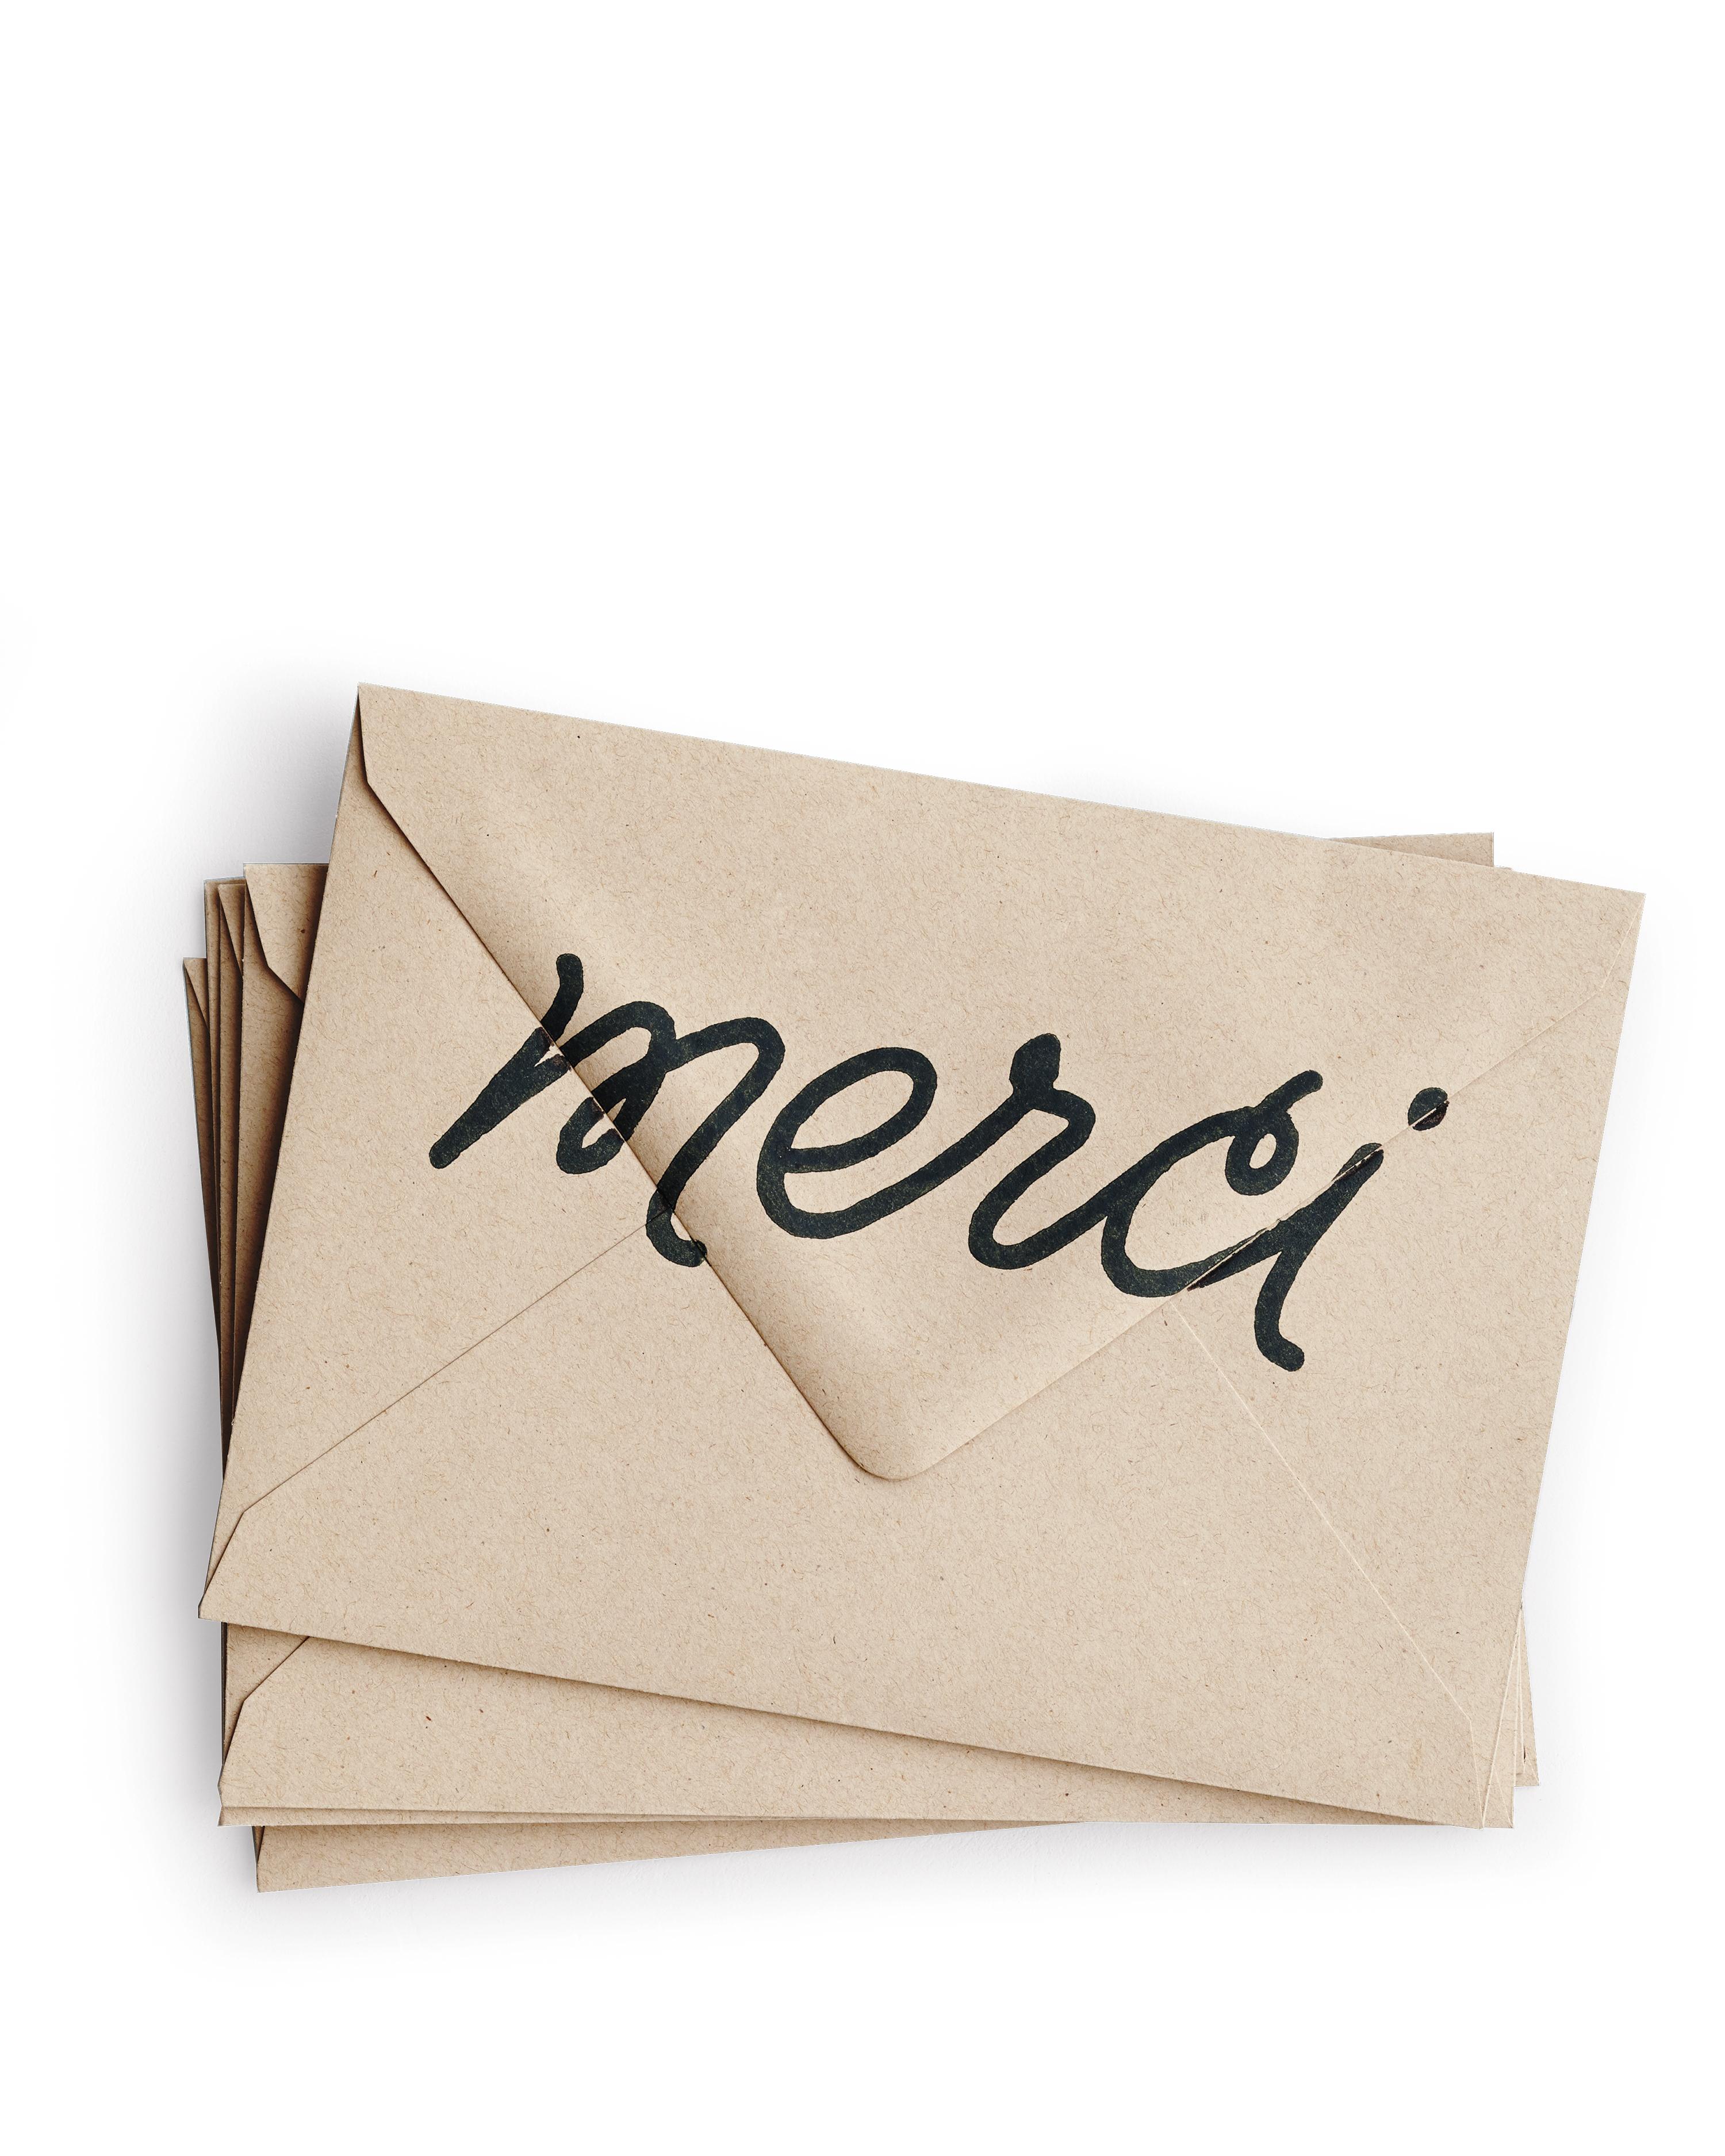 envelopes-large-stamp-008-md110875.jpg